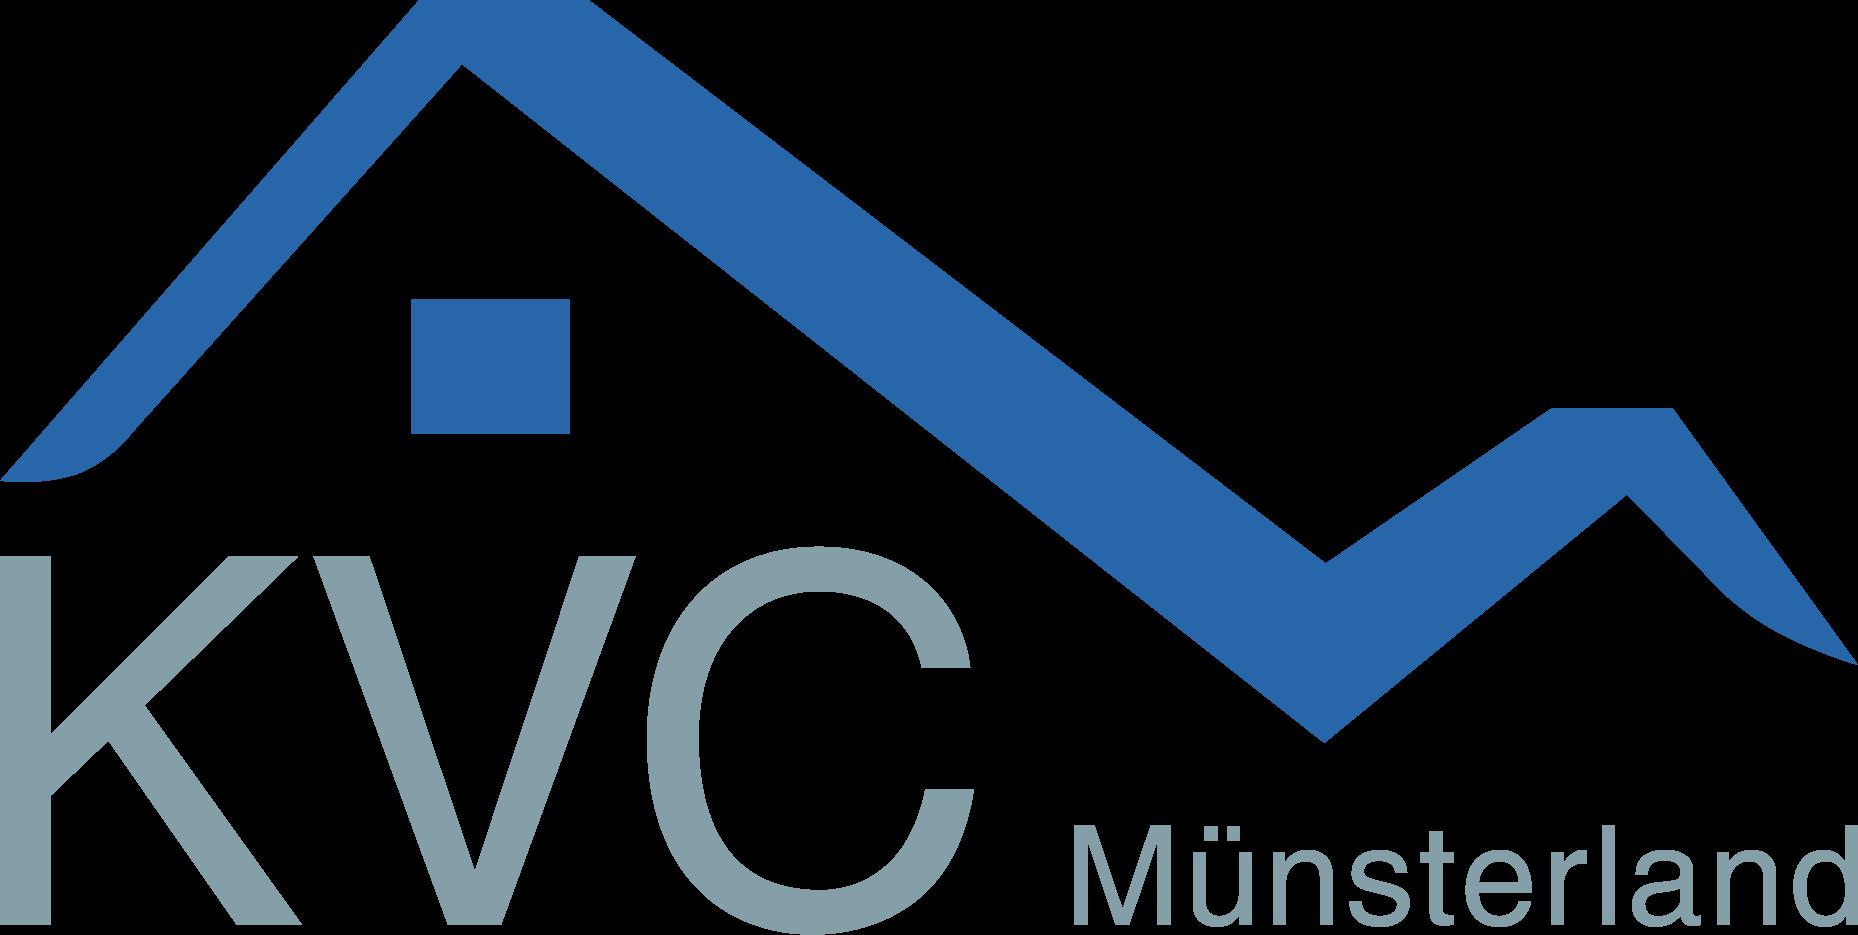 KVC - Kredit-Vermittlungs-Contor Muensterland